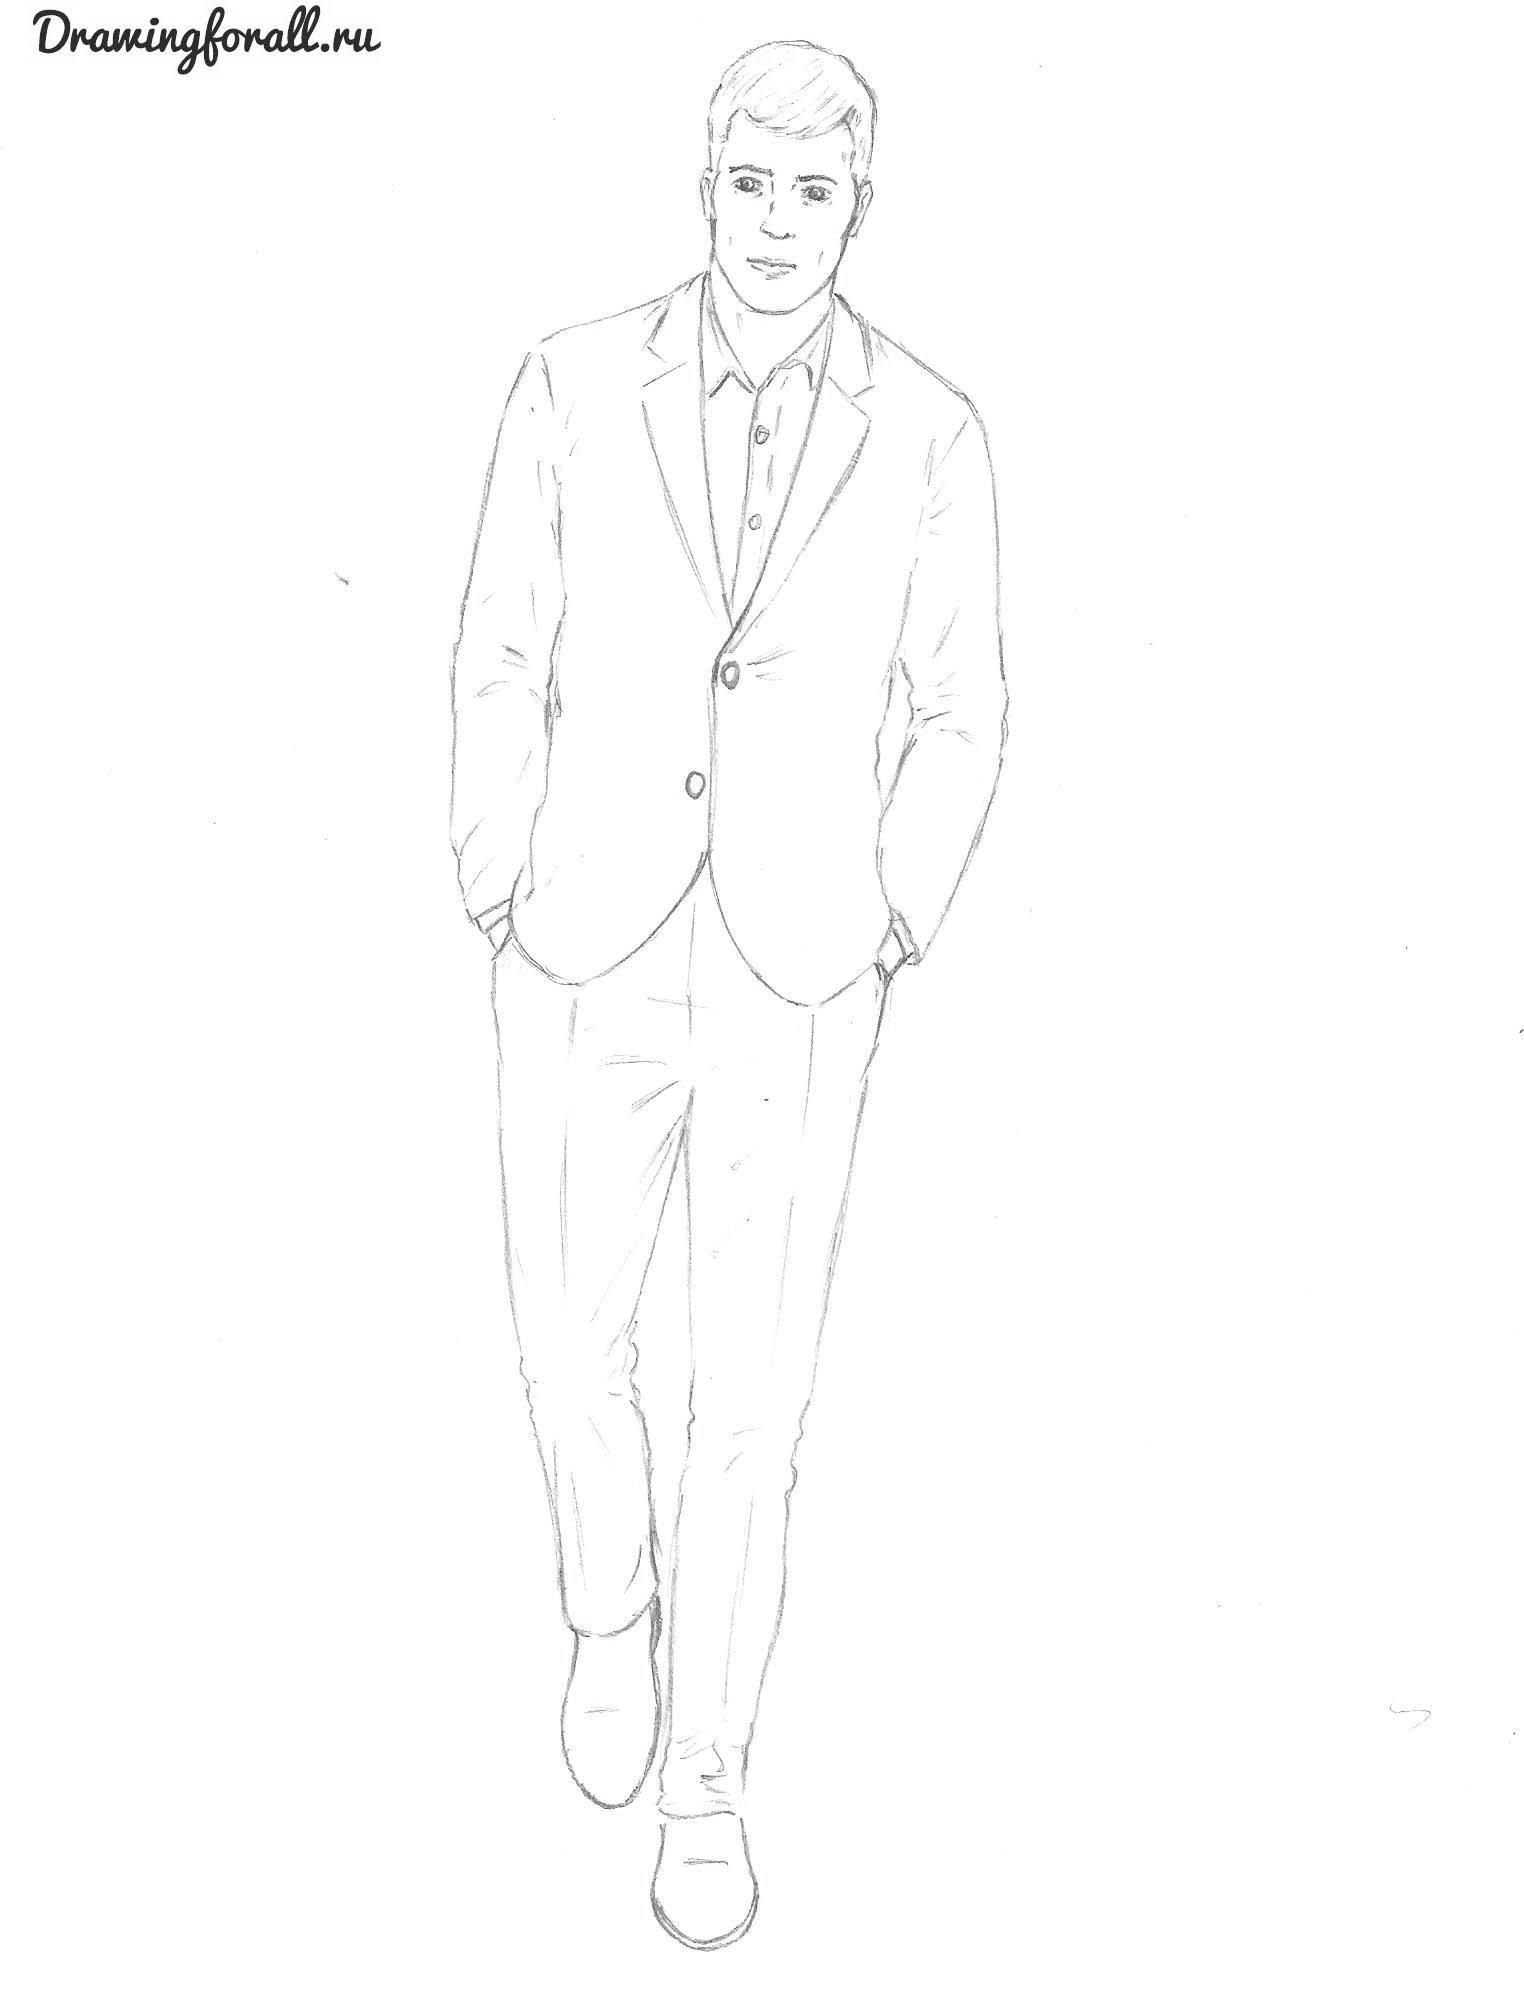 как правильно нарисовать человека